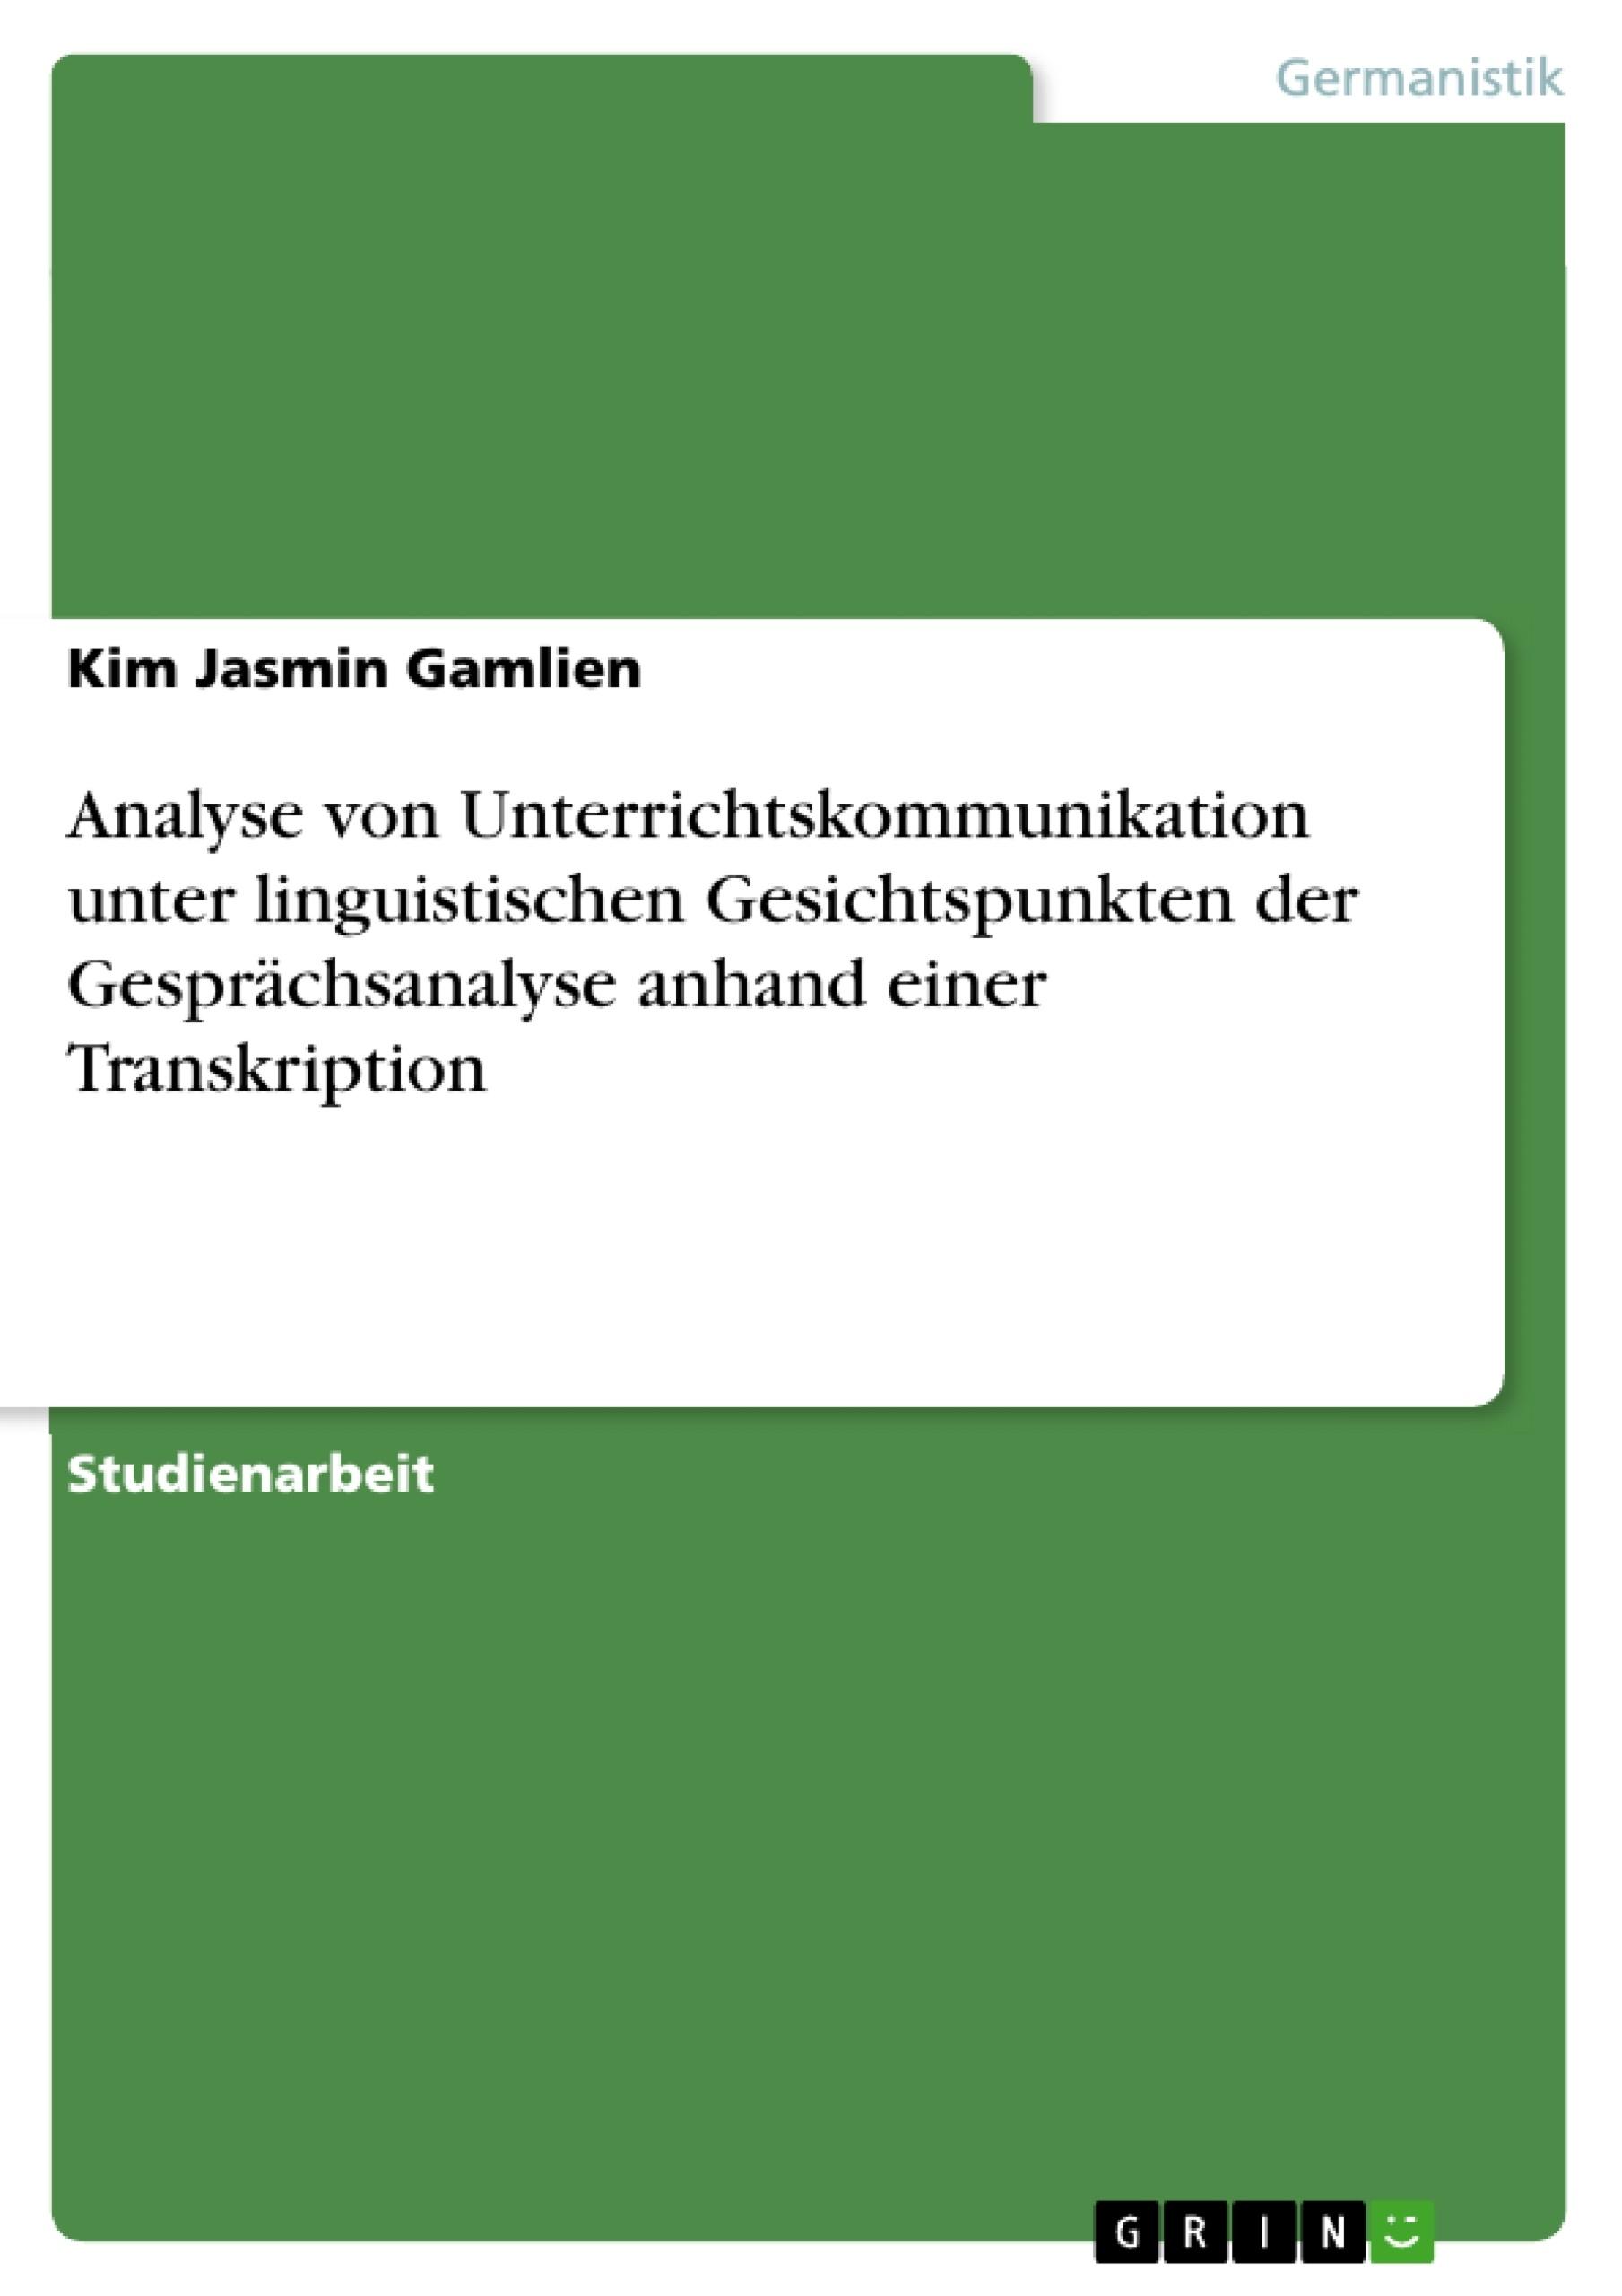 Titel: Analyse von Unterrichtskommunikation unter linguistischen Gesichtspunkten der Gesprächsanalyse anhand einer Transkription